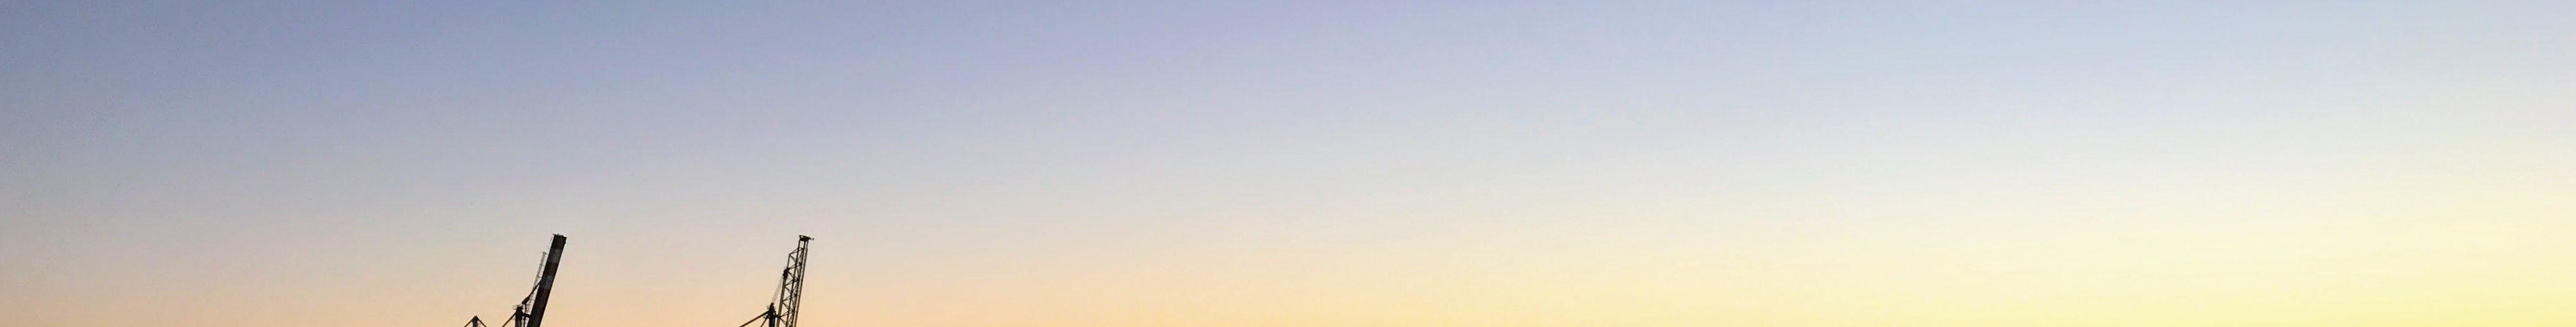 Kraner i solnedgang